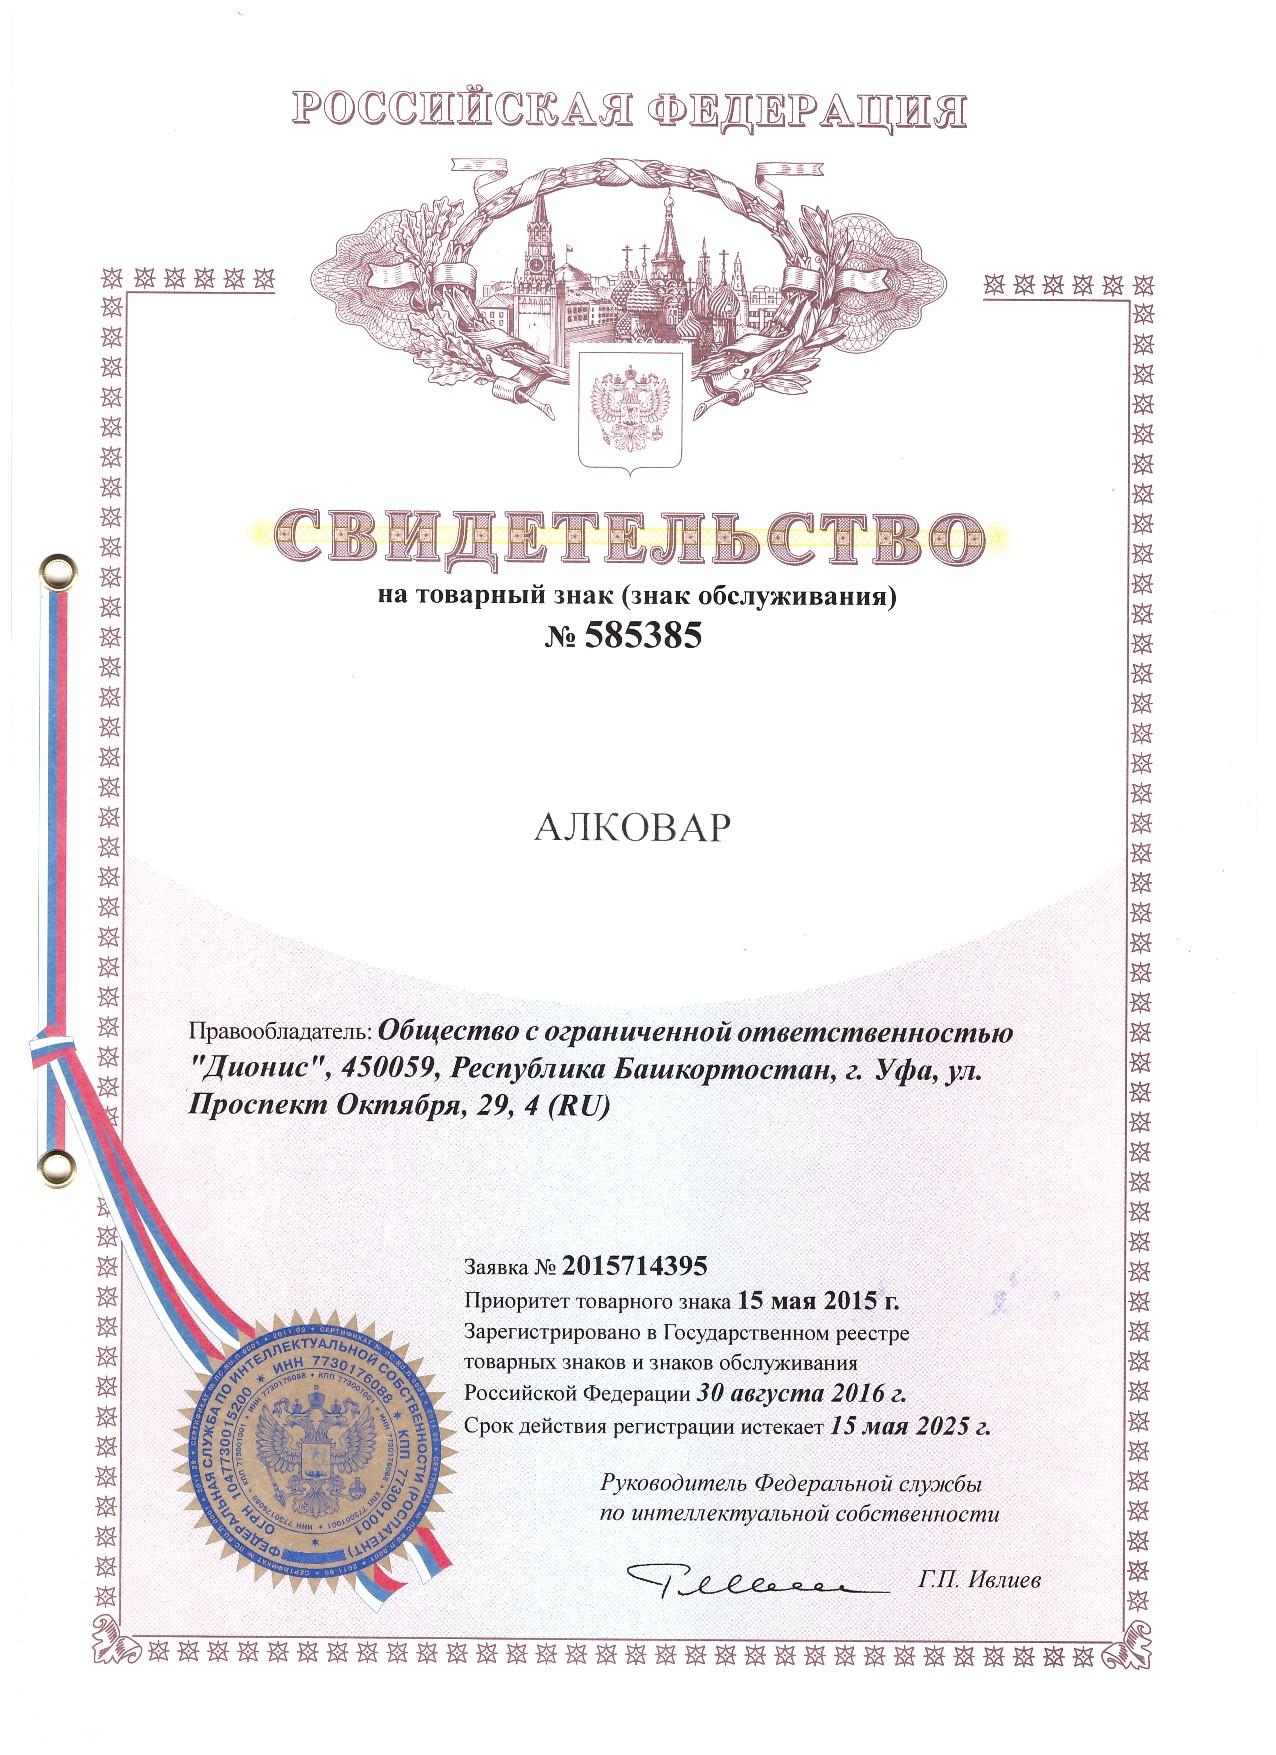 Зарегестрированный товарный знак АЛКОВАР для продажи самогонных аппаратов.